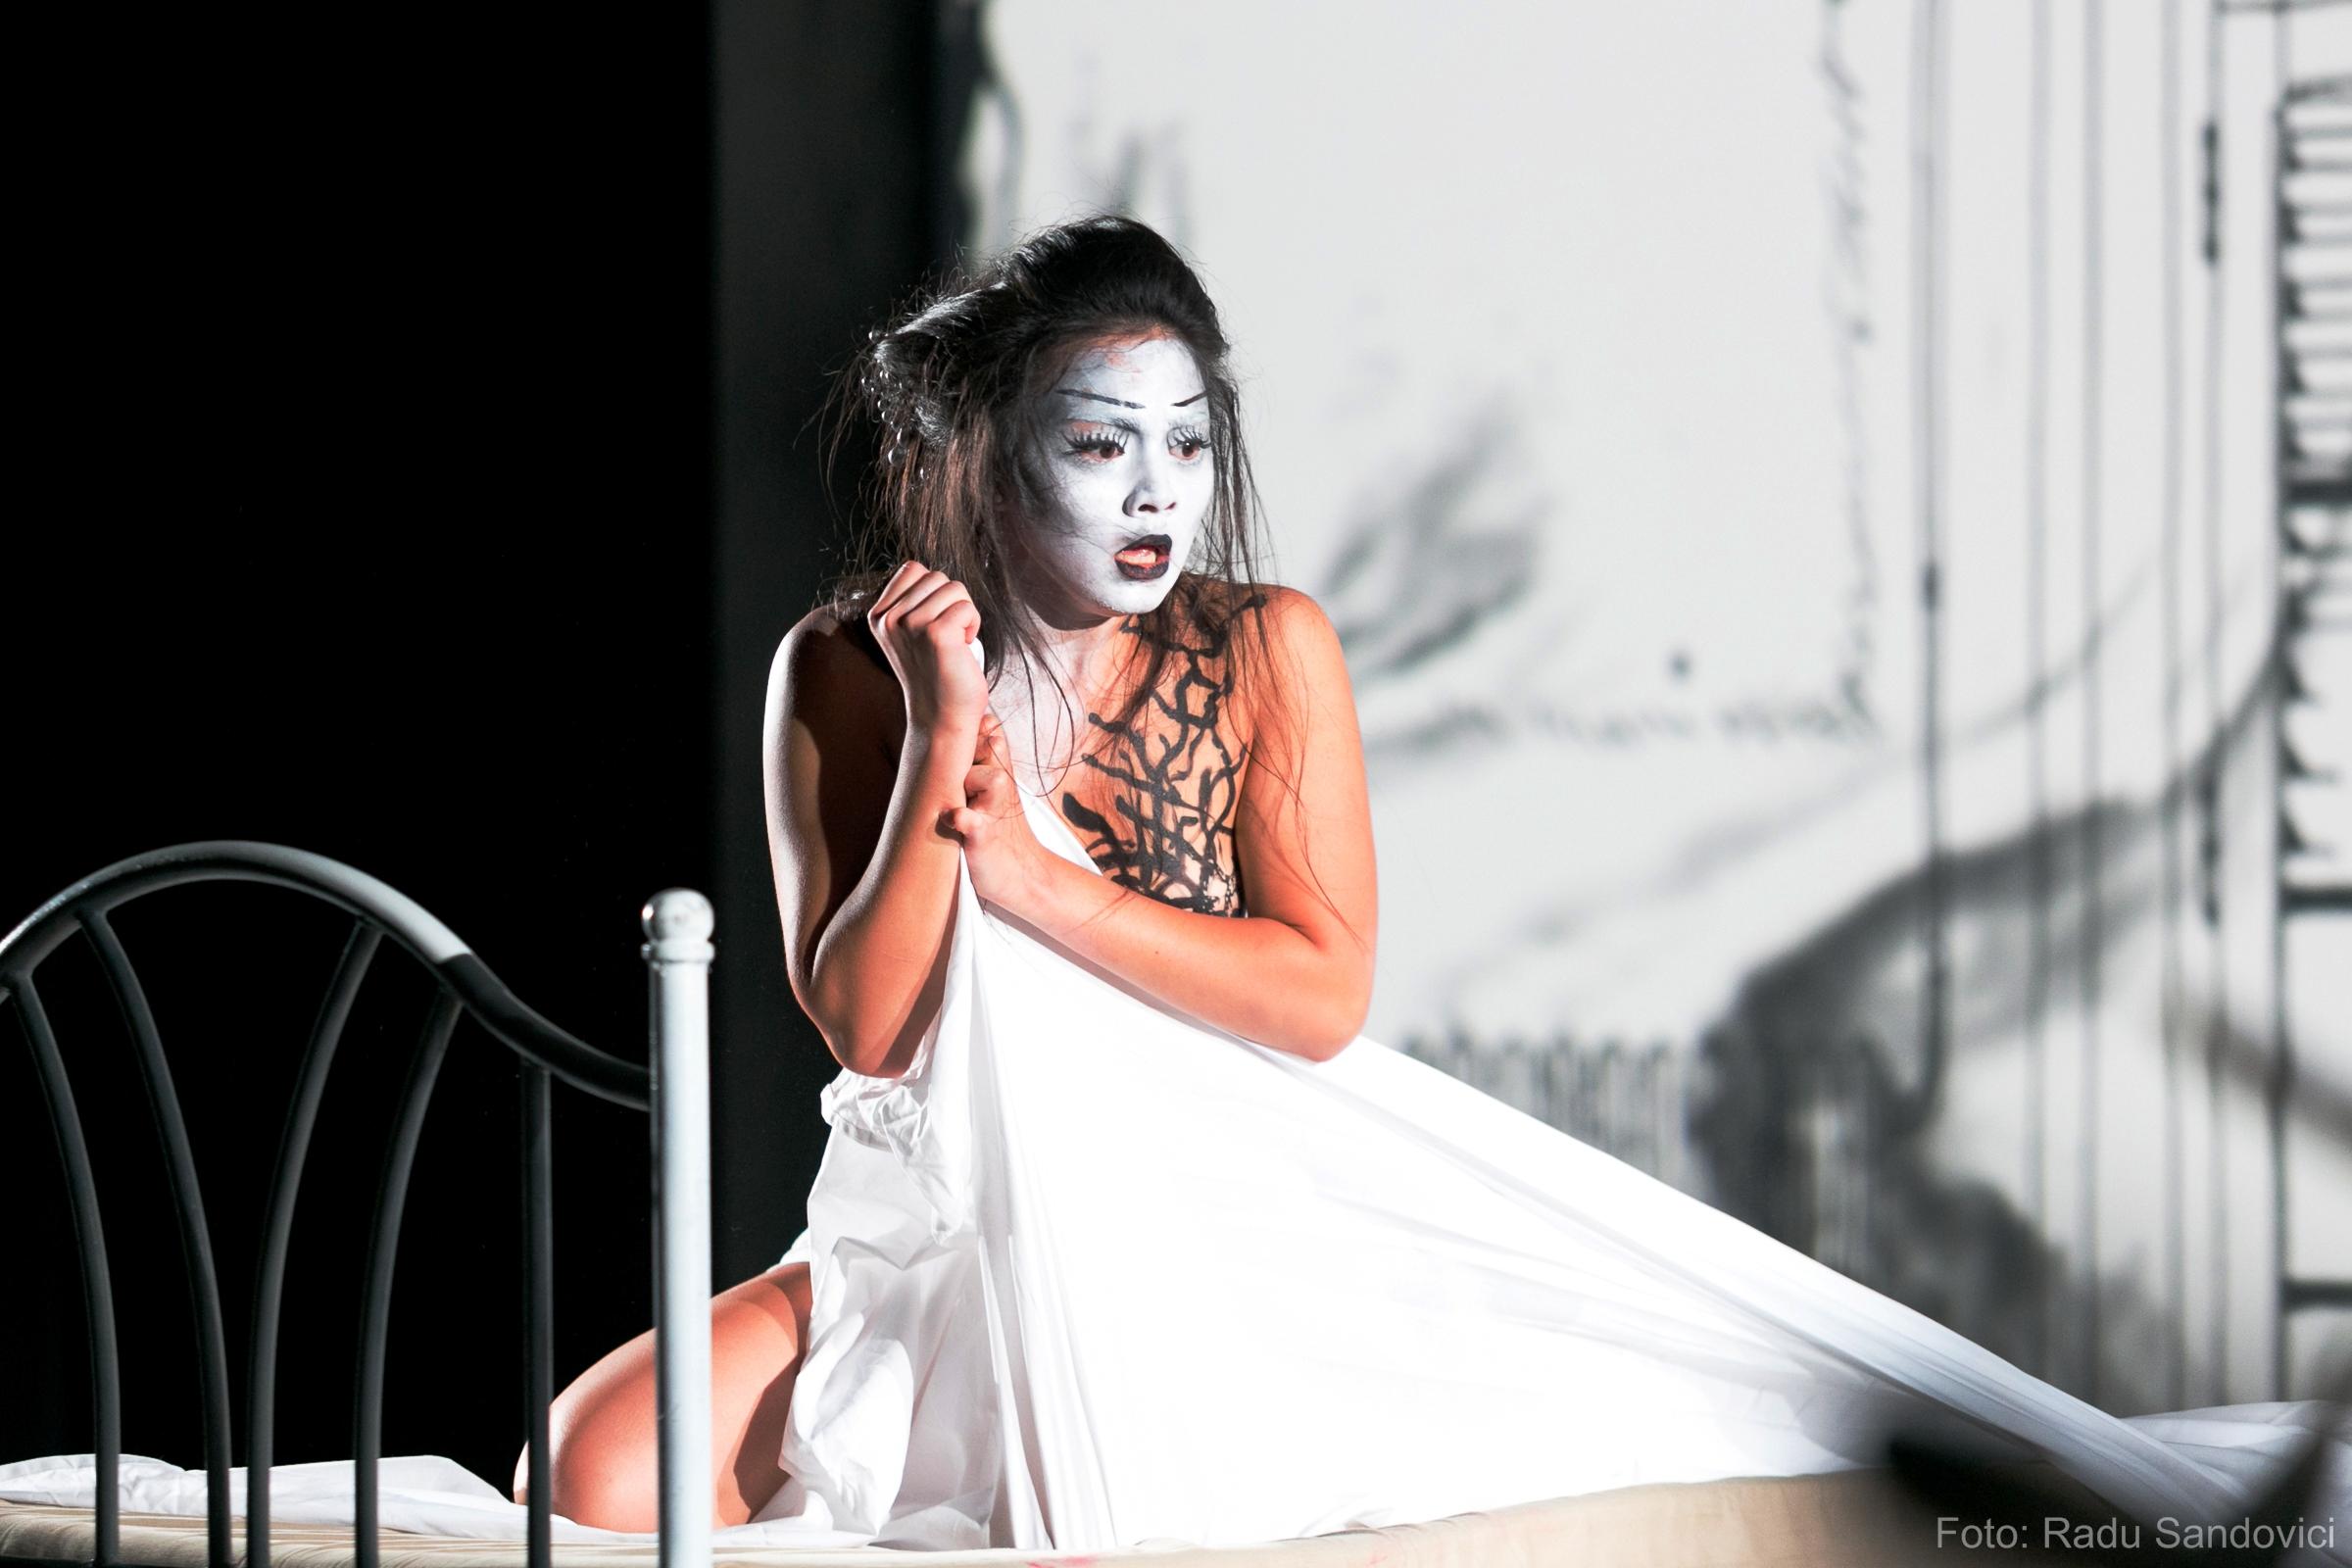 Rafaela Lei